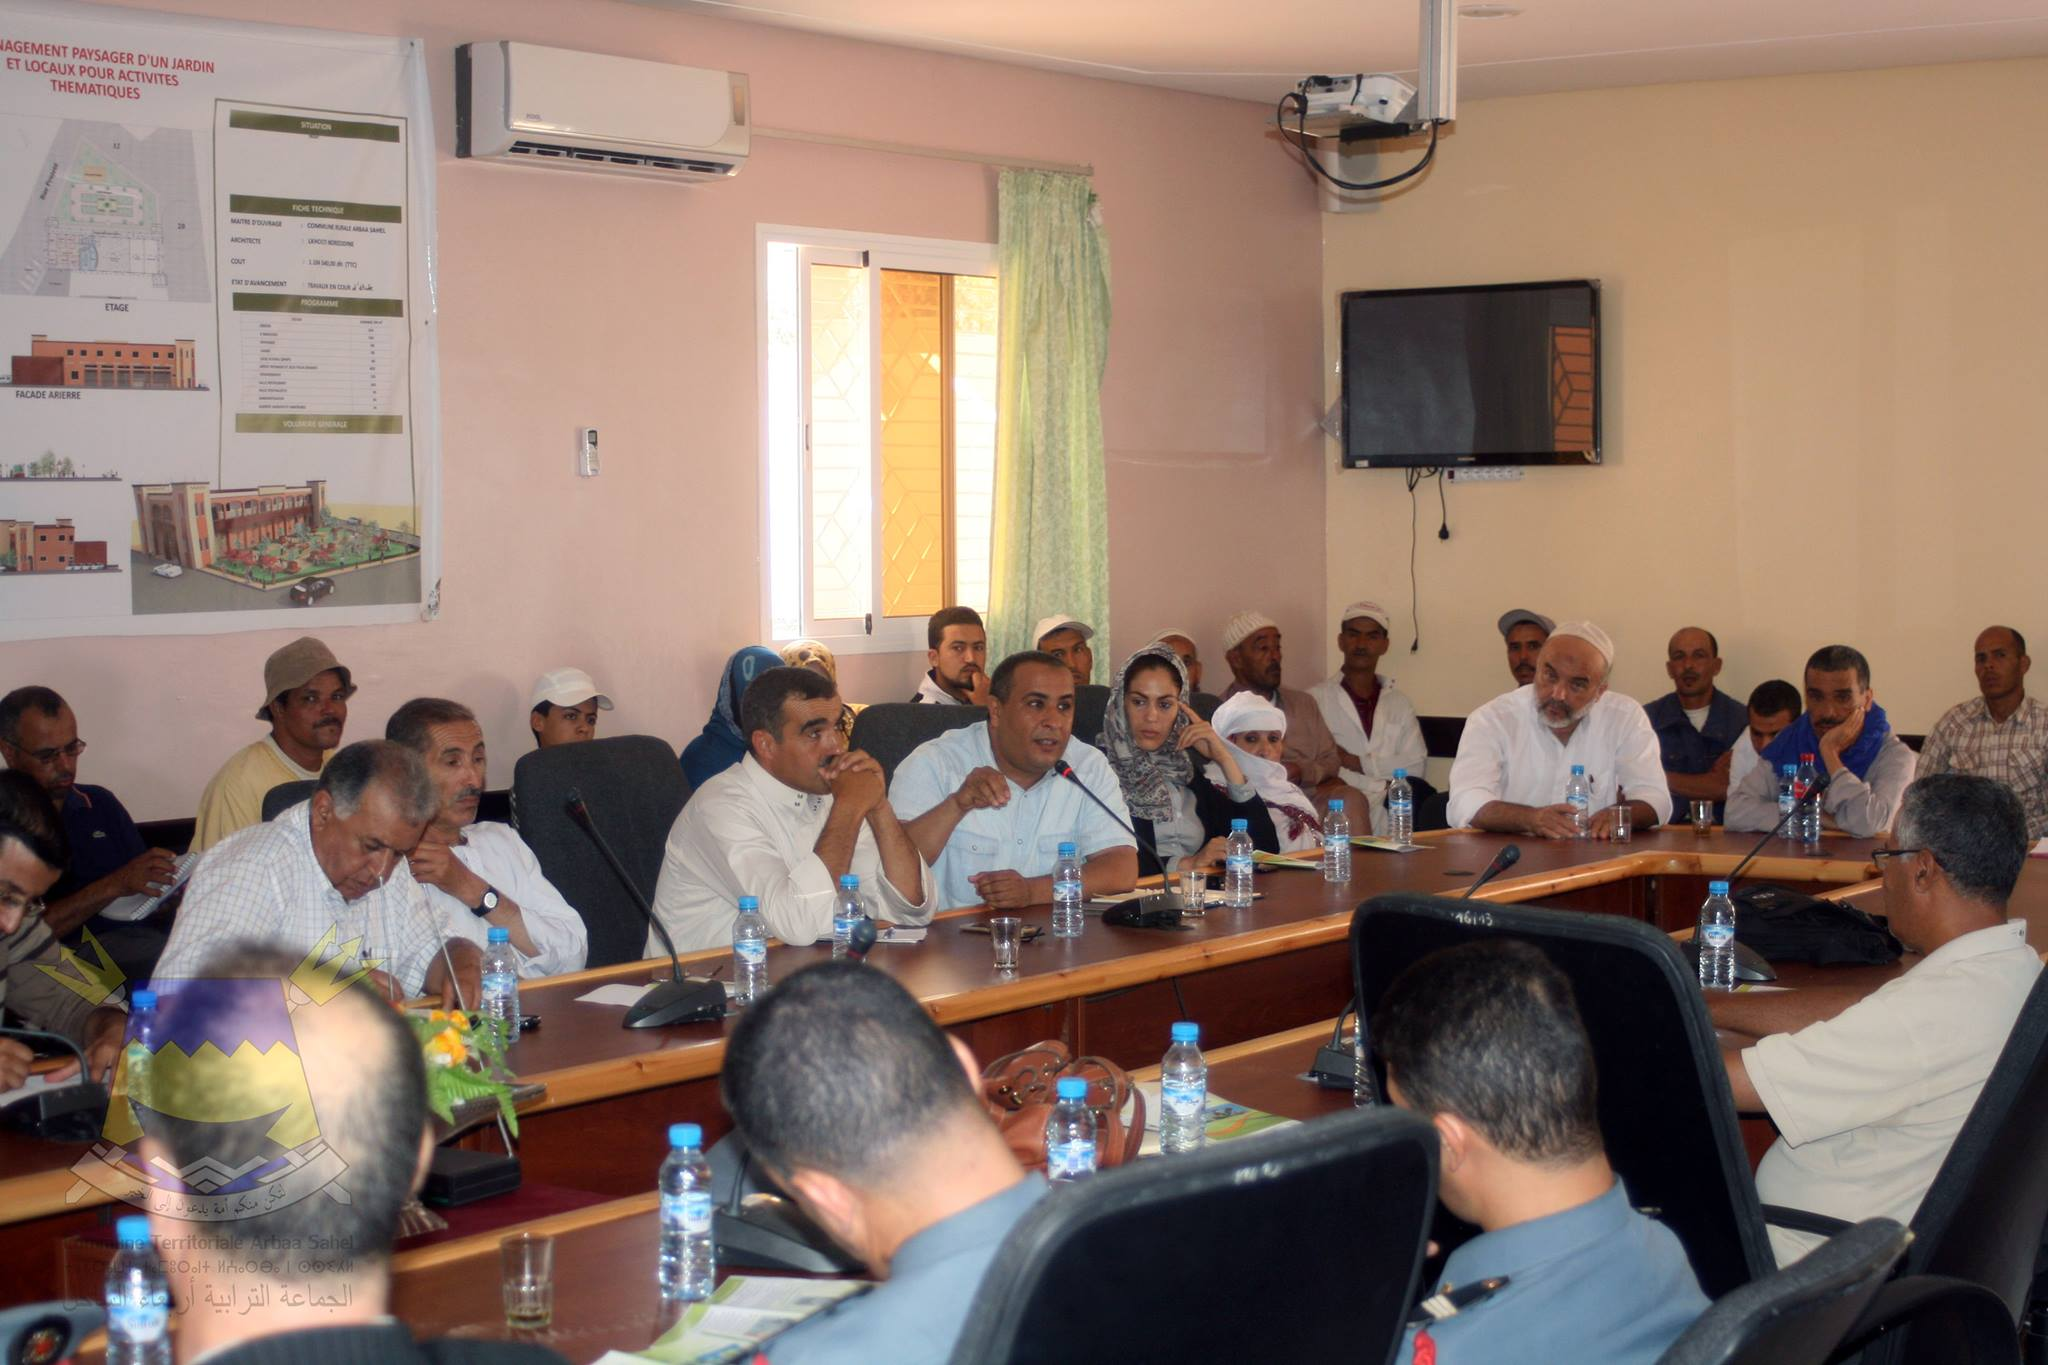 اجتماع موسع بجماعة أربعاء الساحل حول الحشرة القرموزية